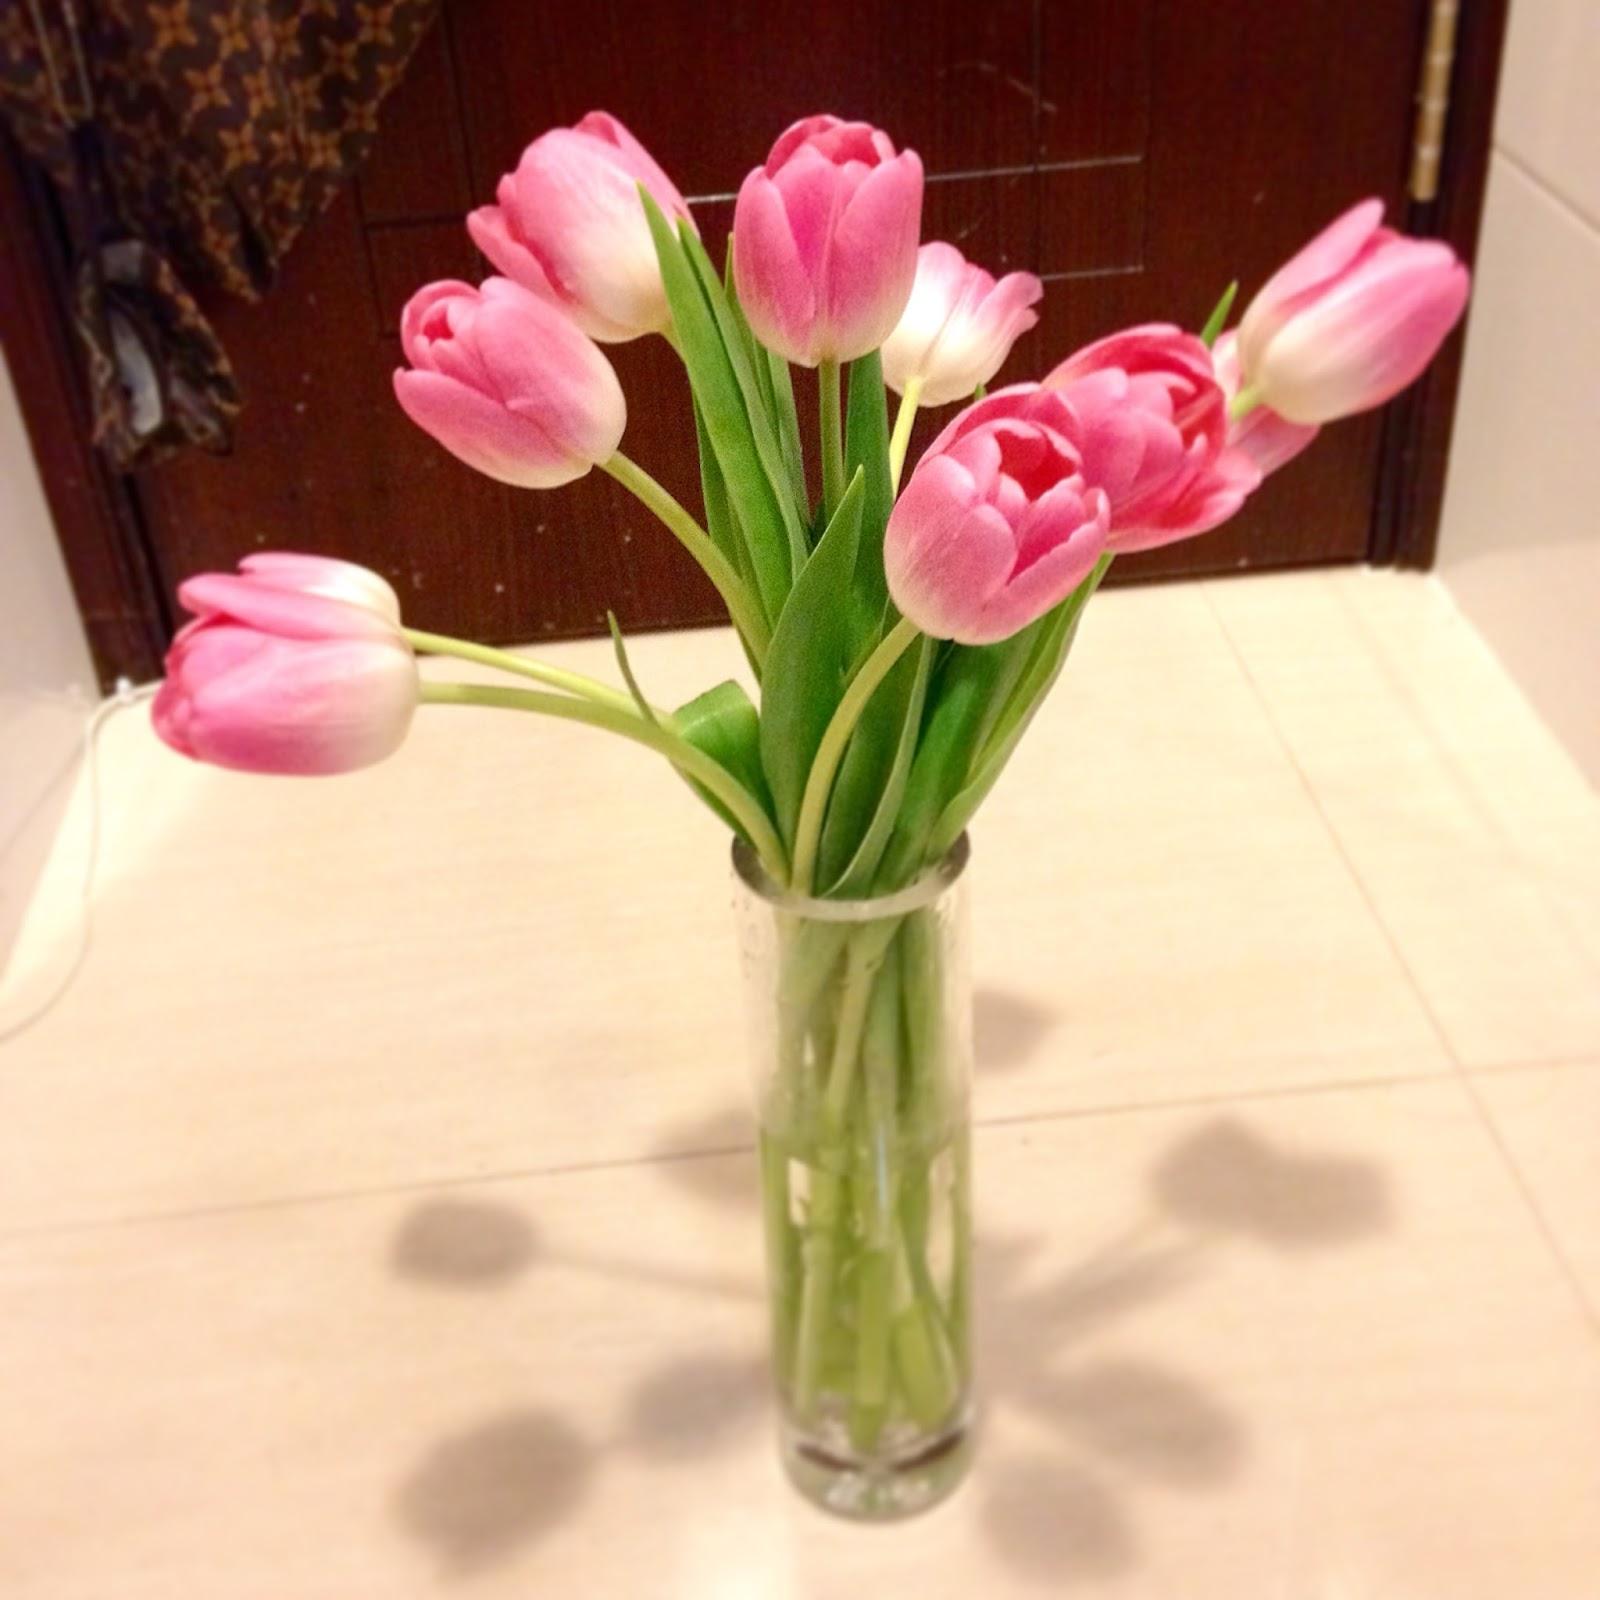 yiweilim, yi wei lim, yiwei lim, tulips, flowers, spring, pink, hong kong flower market